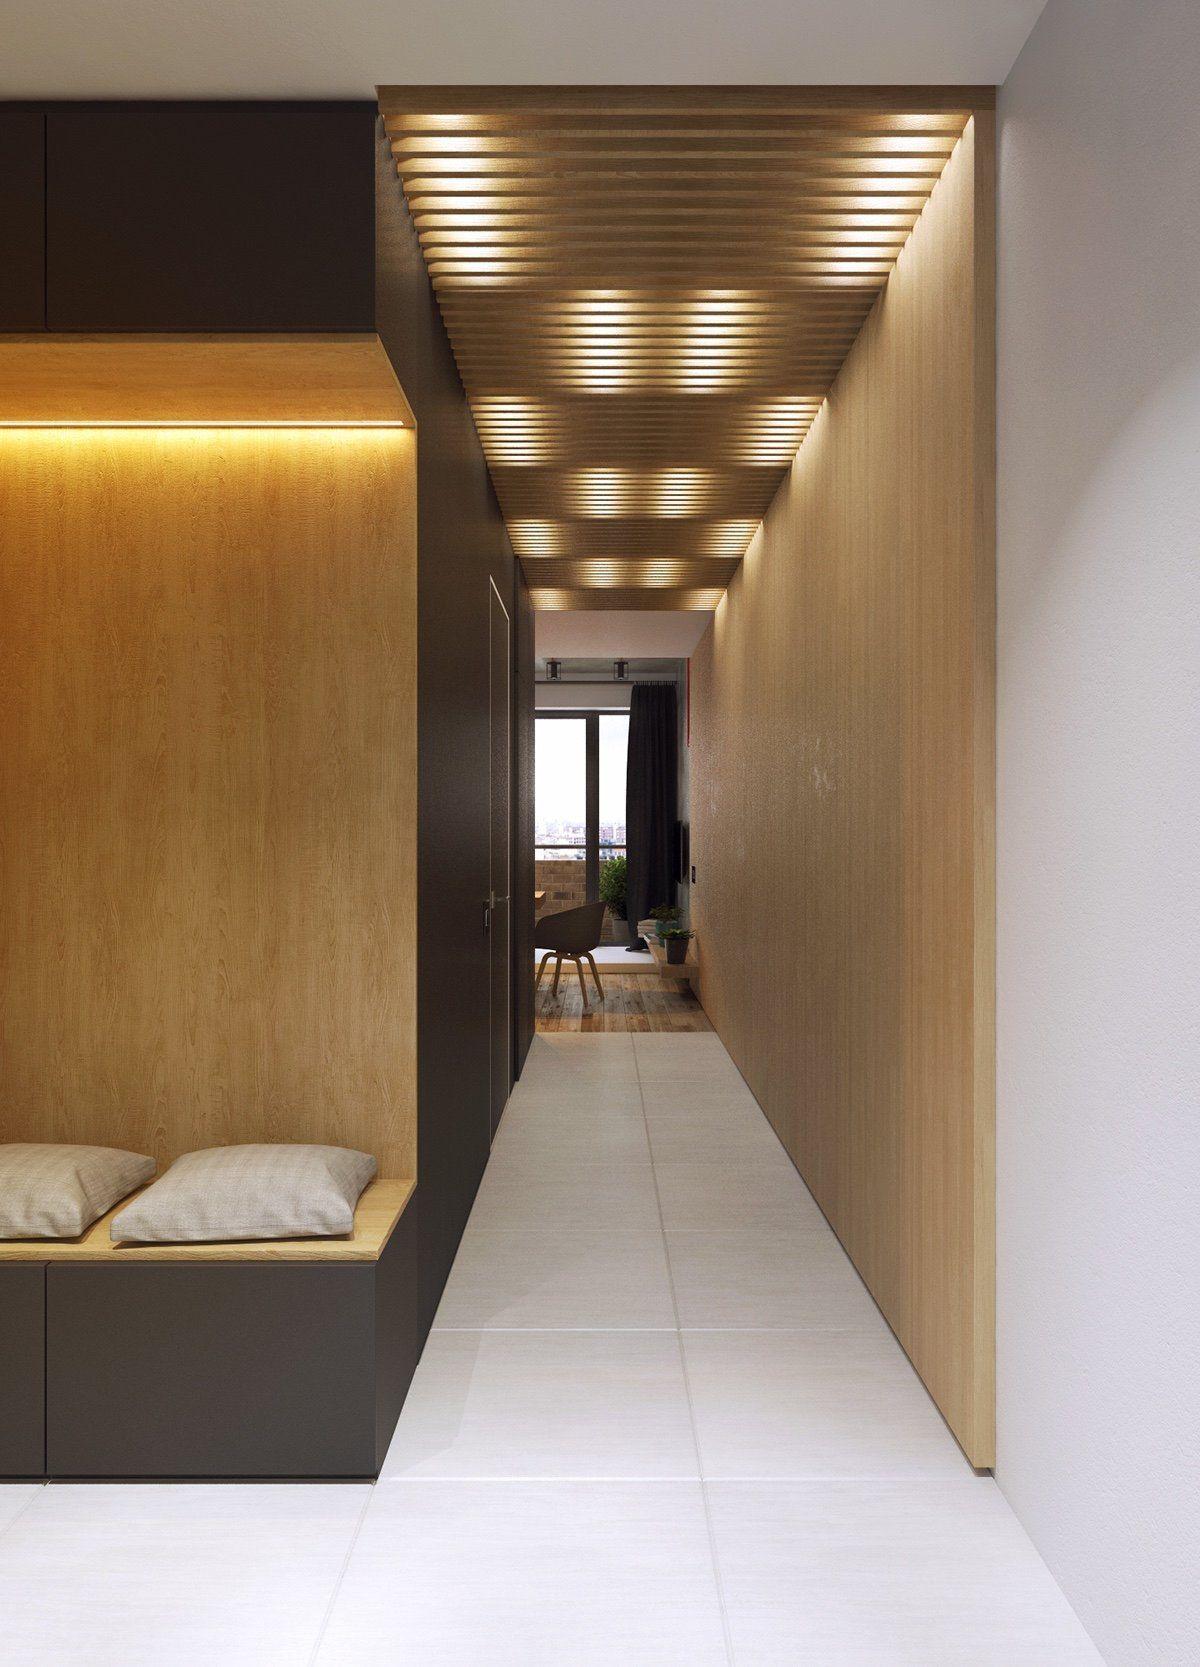 Home holl innenarchitektur  eyeopening tips false ceiling layout false ceiling drywallfalse